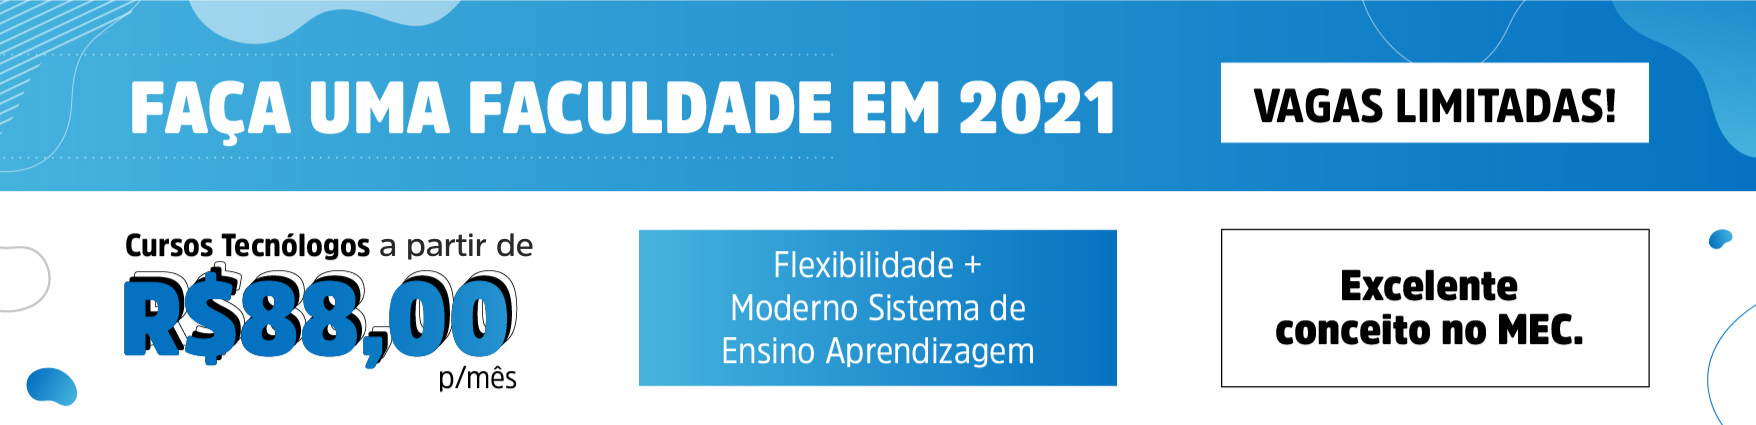 Fa�a Gradua��o em 2021